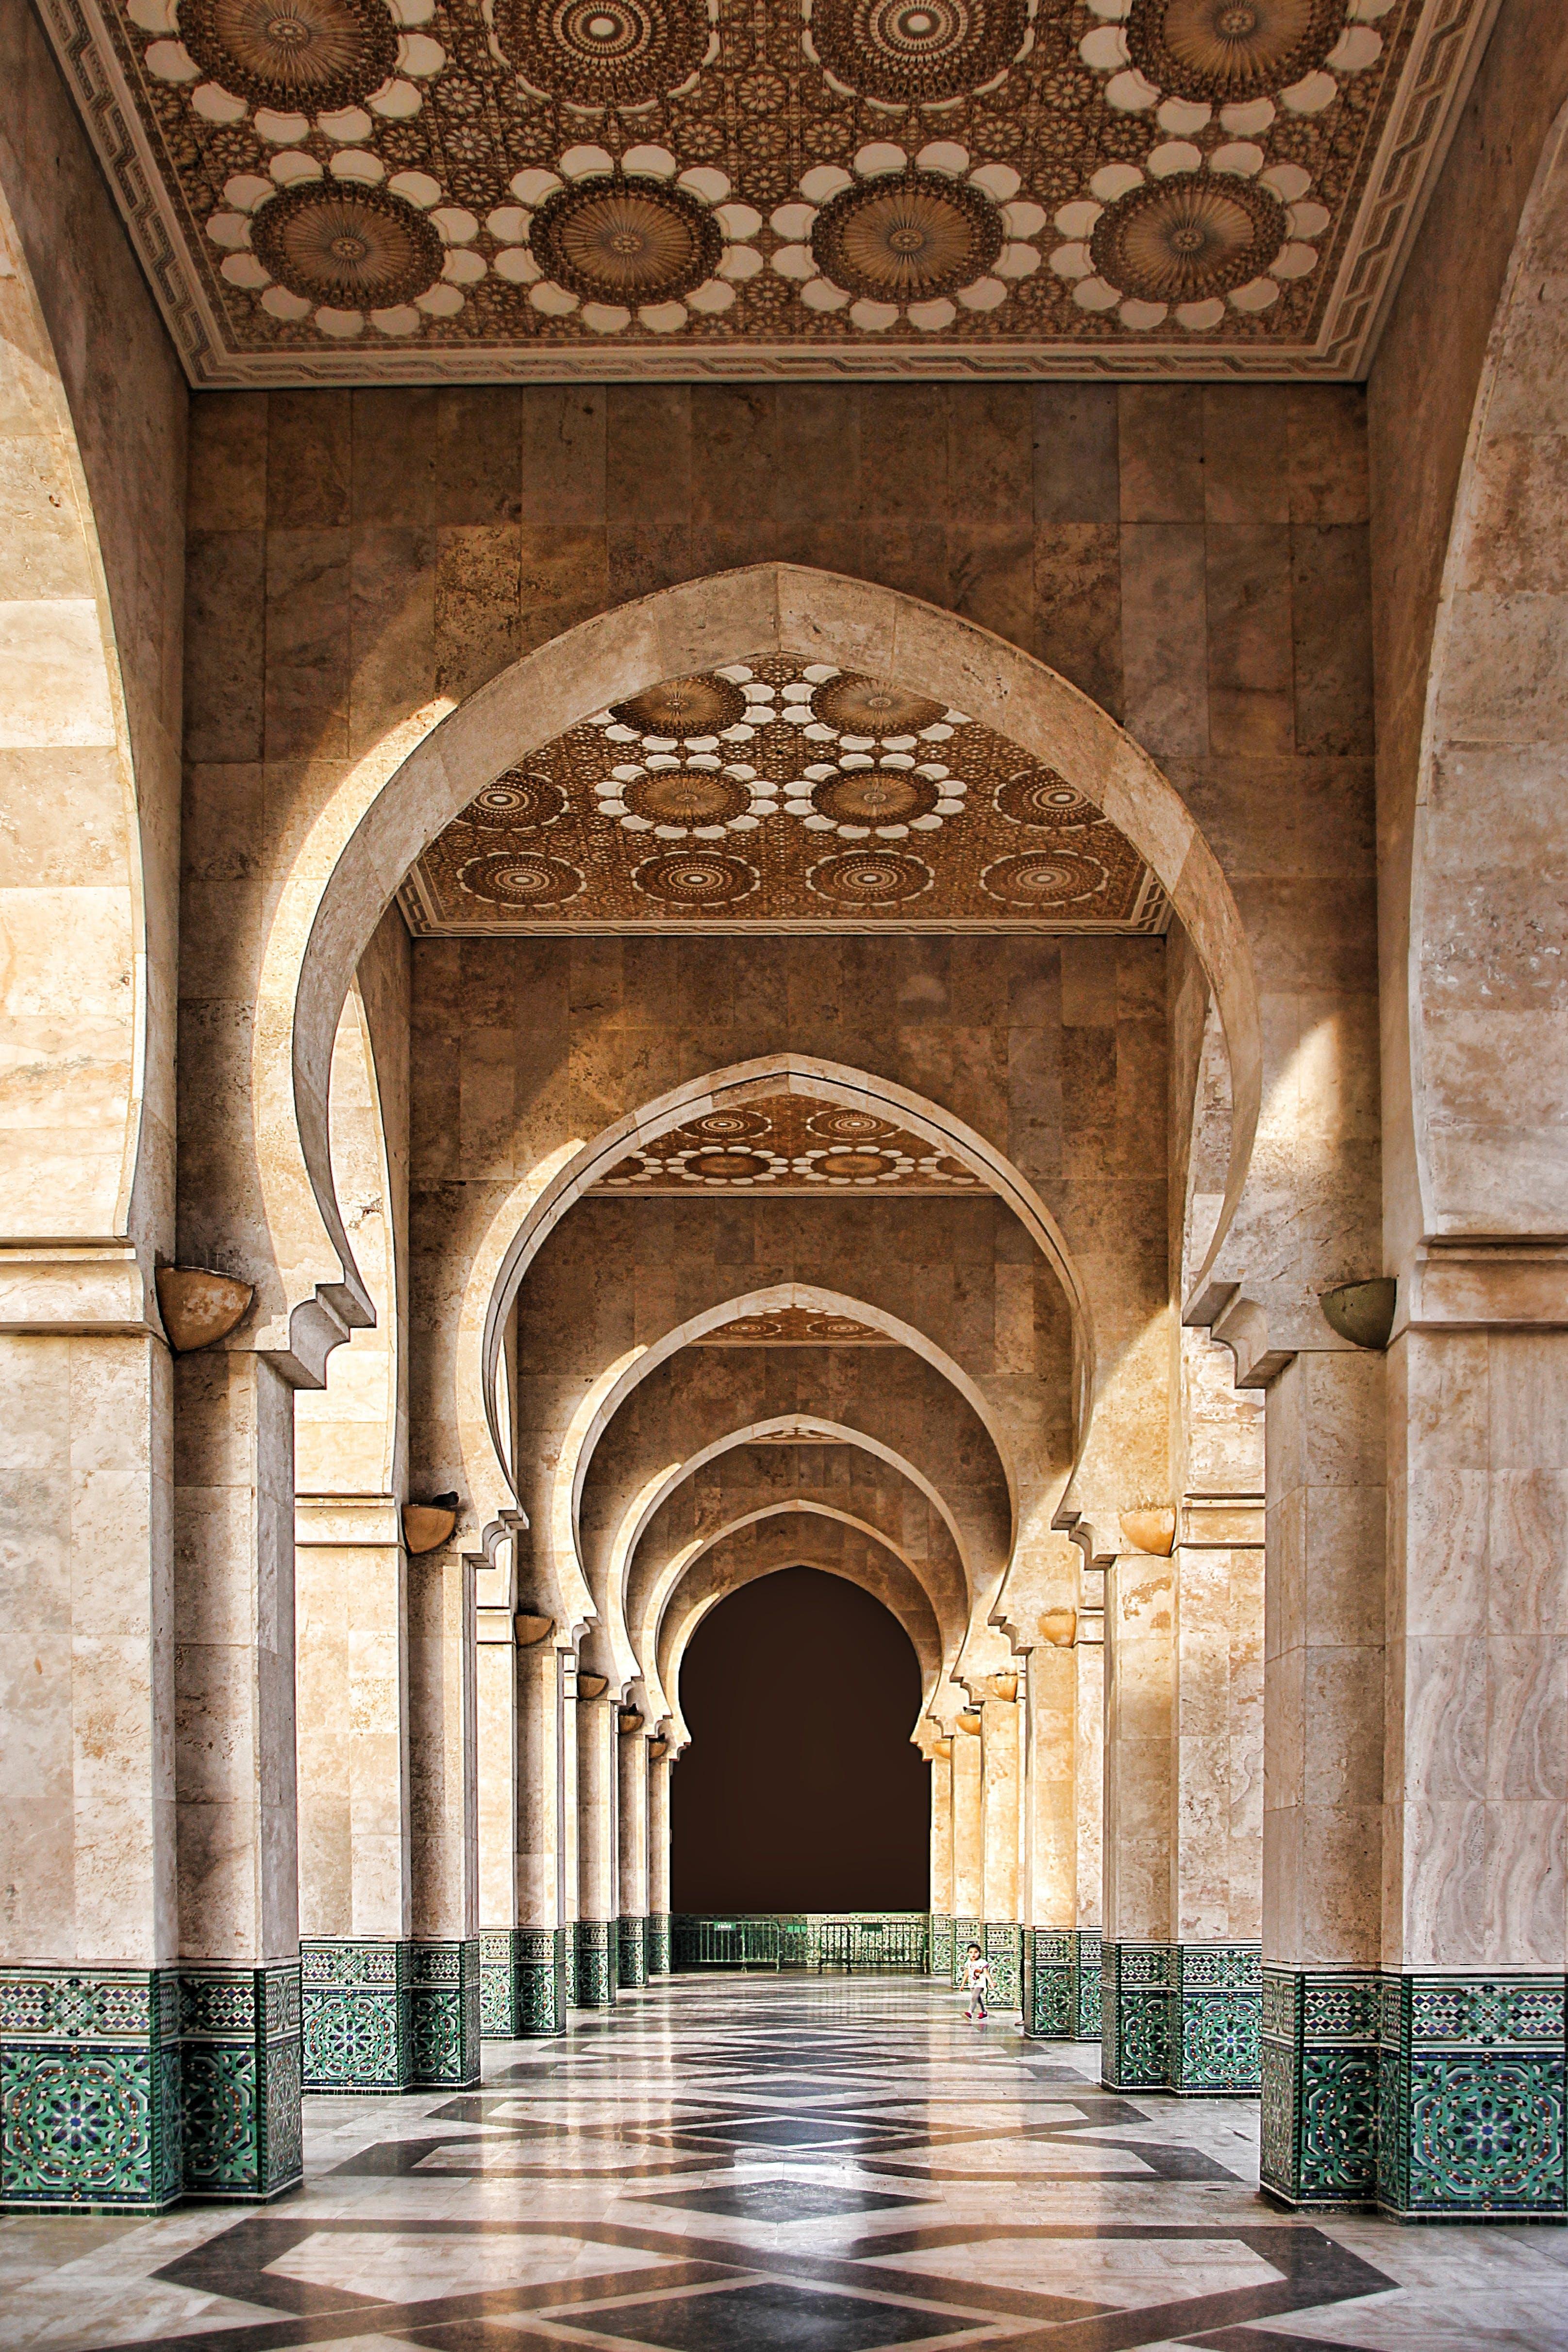 arch, architectural design, architecture